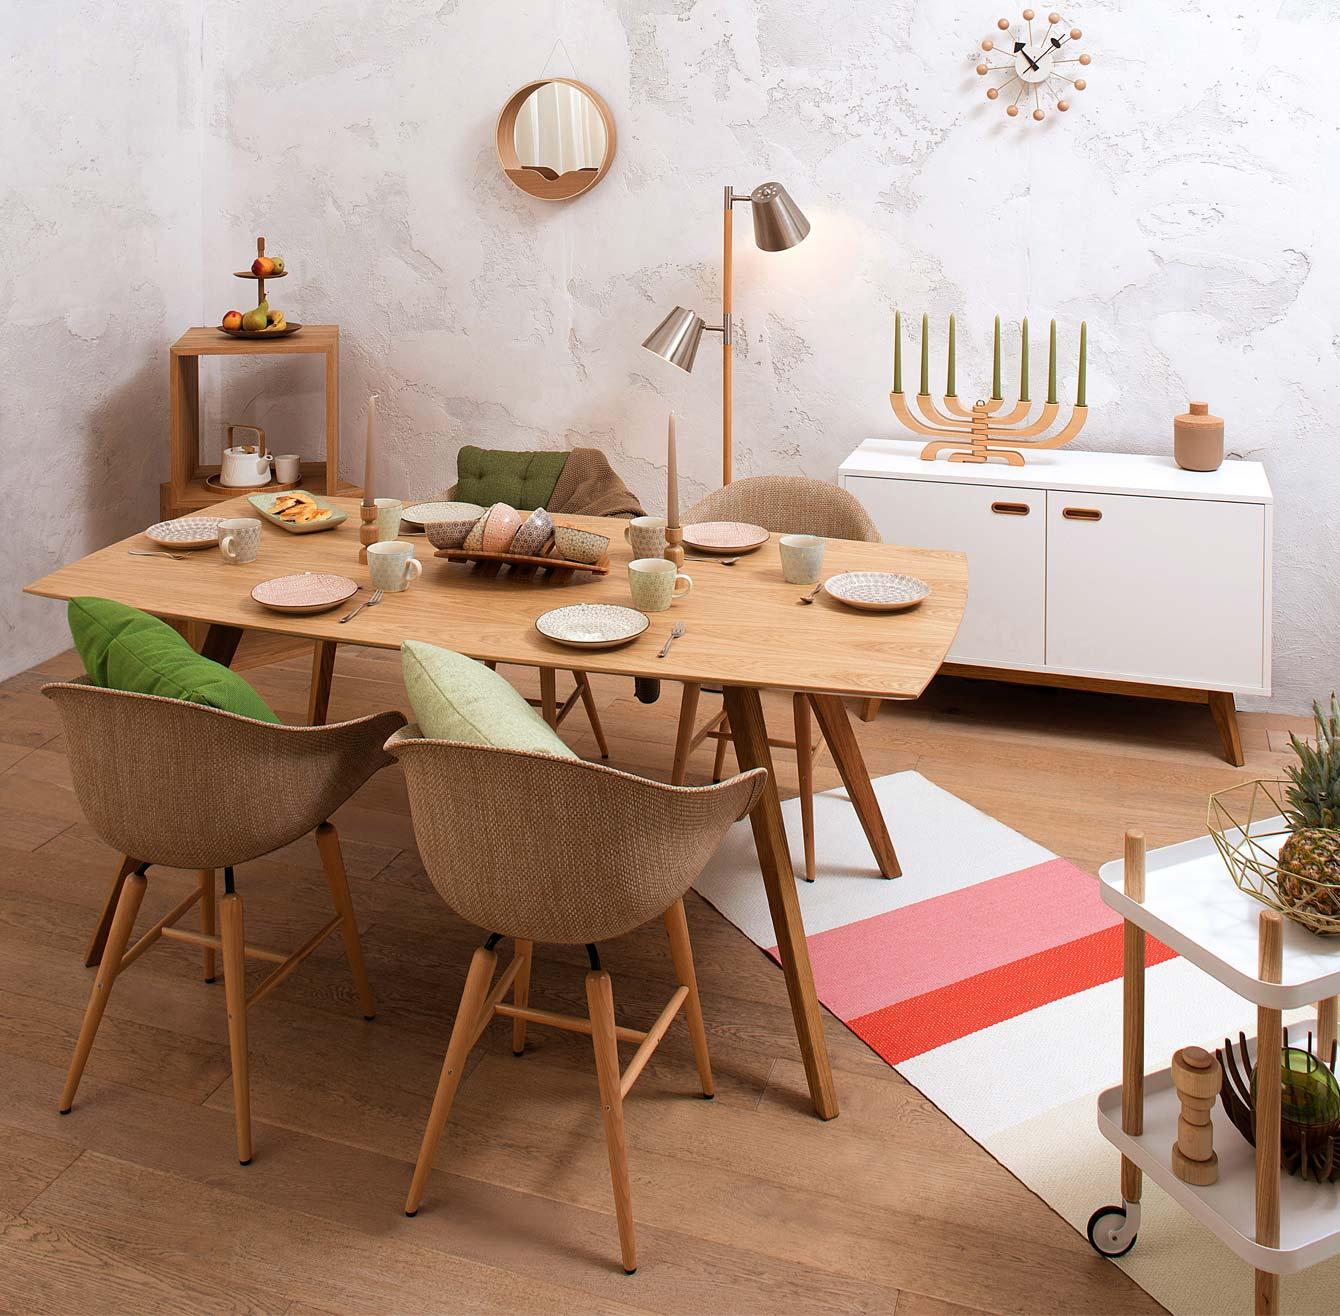 Salle à manger design en matières brutes